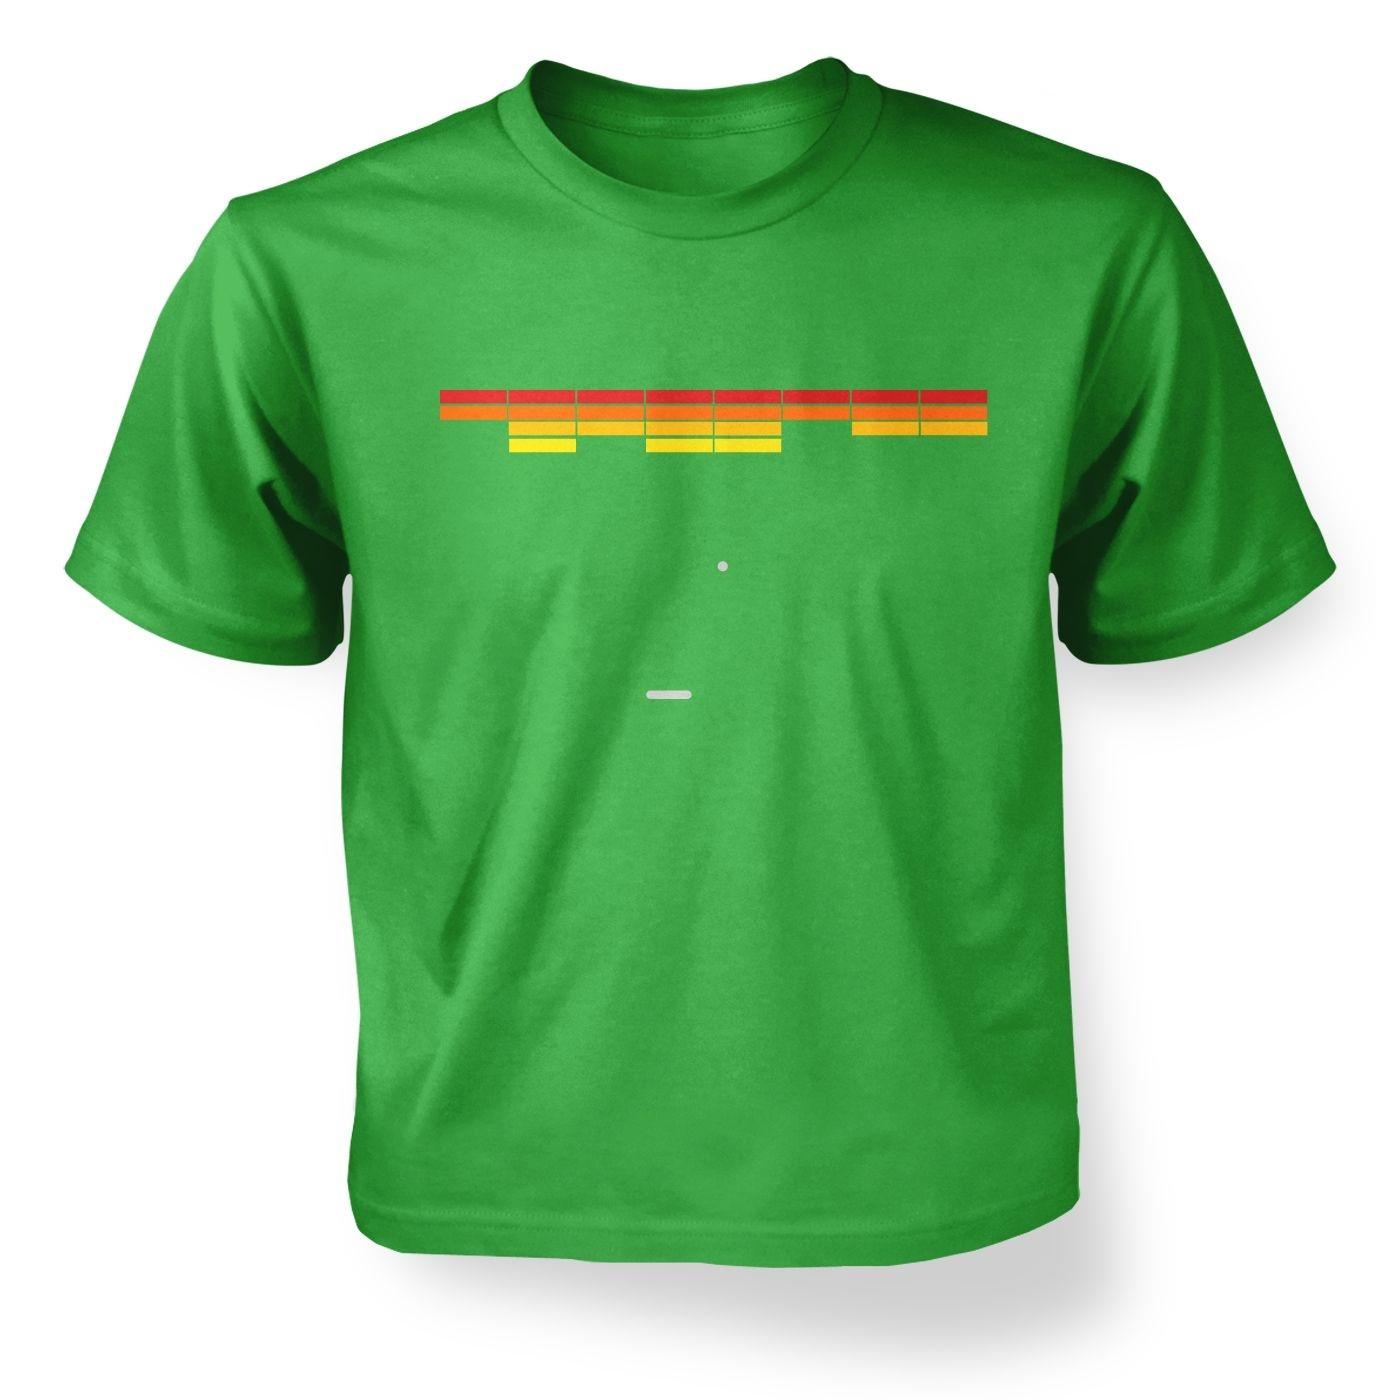 Retro Arcade Style (red/yellow) kids' t-shirt